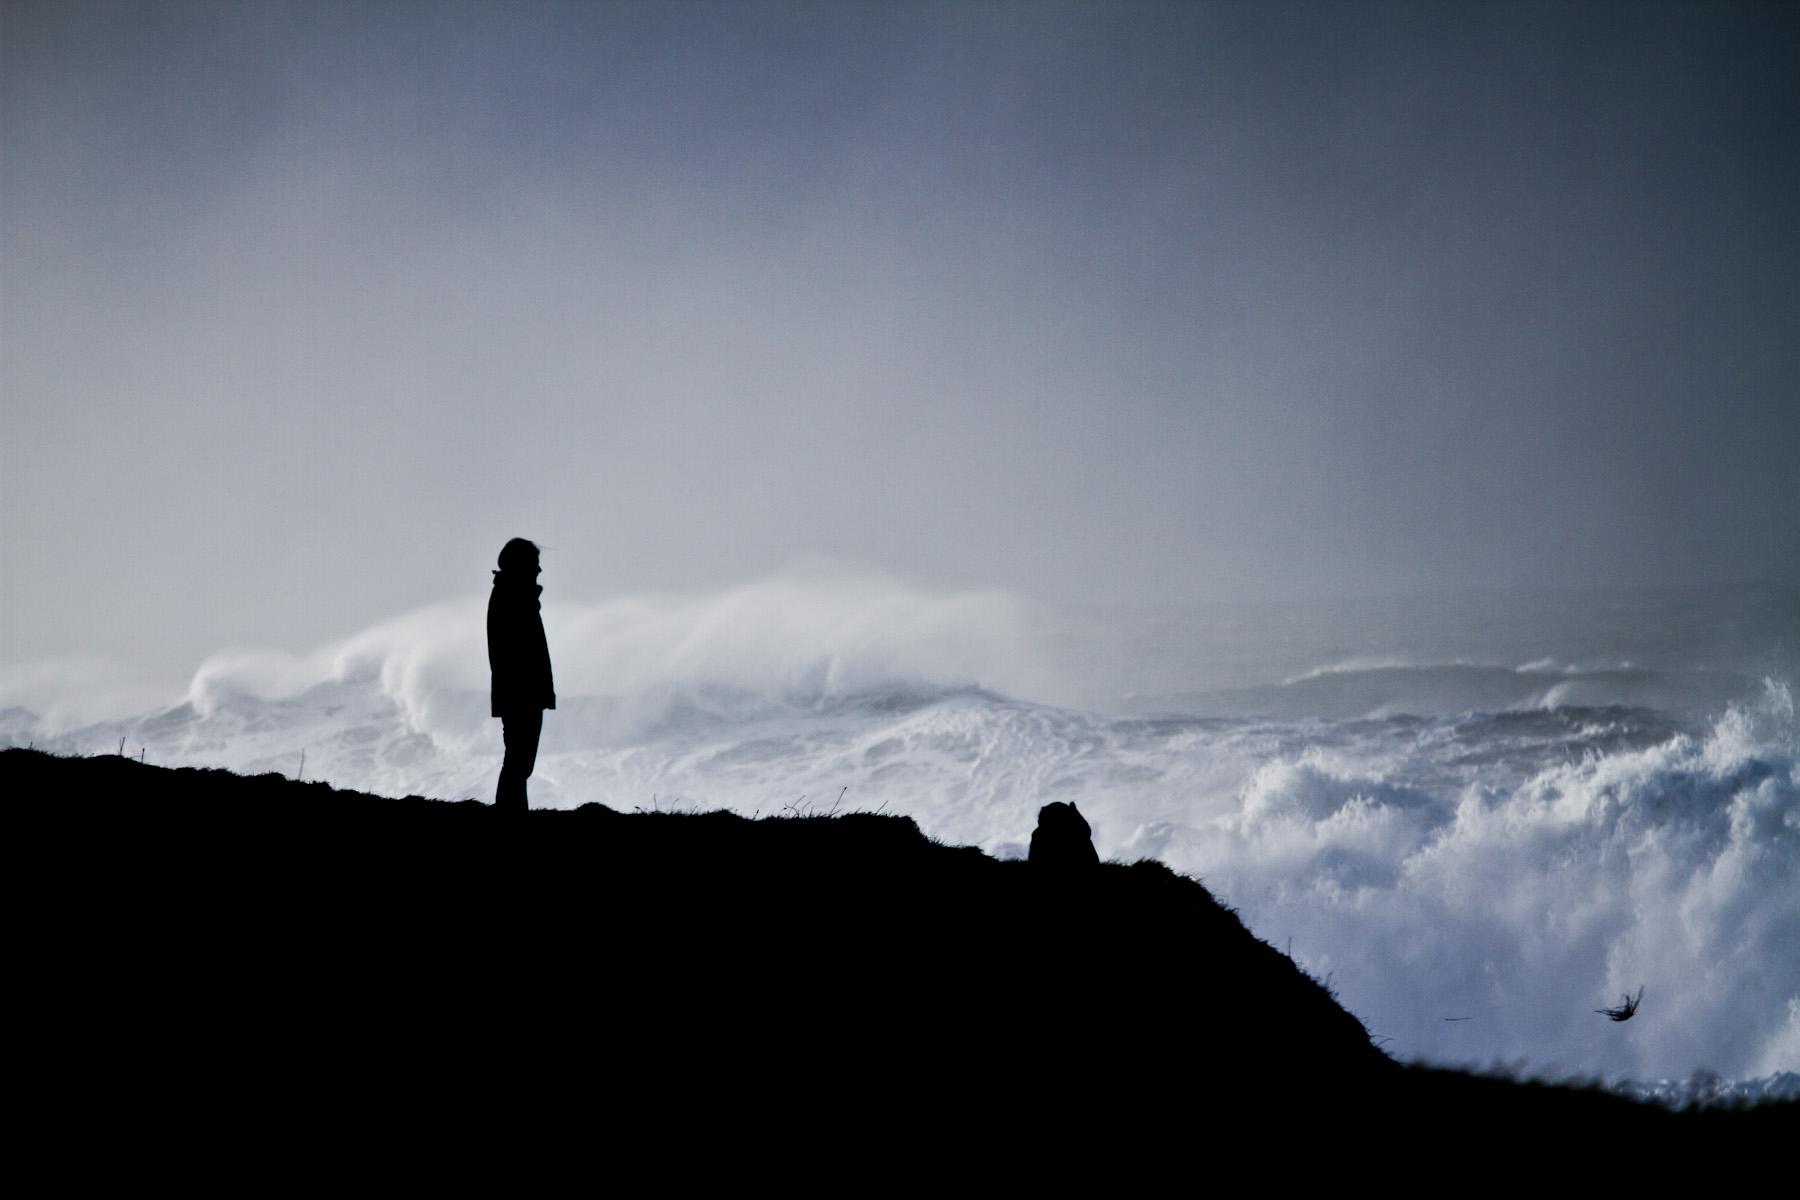 storm-seas